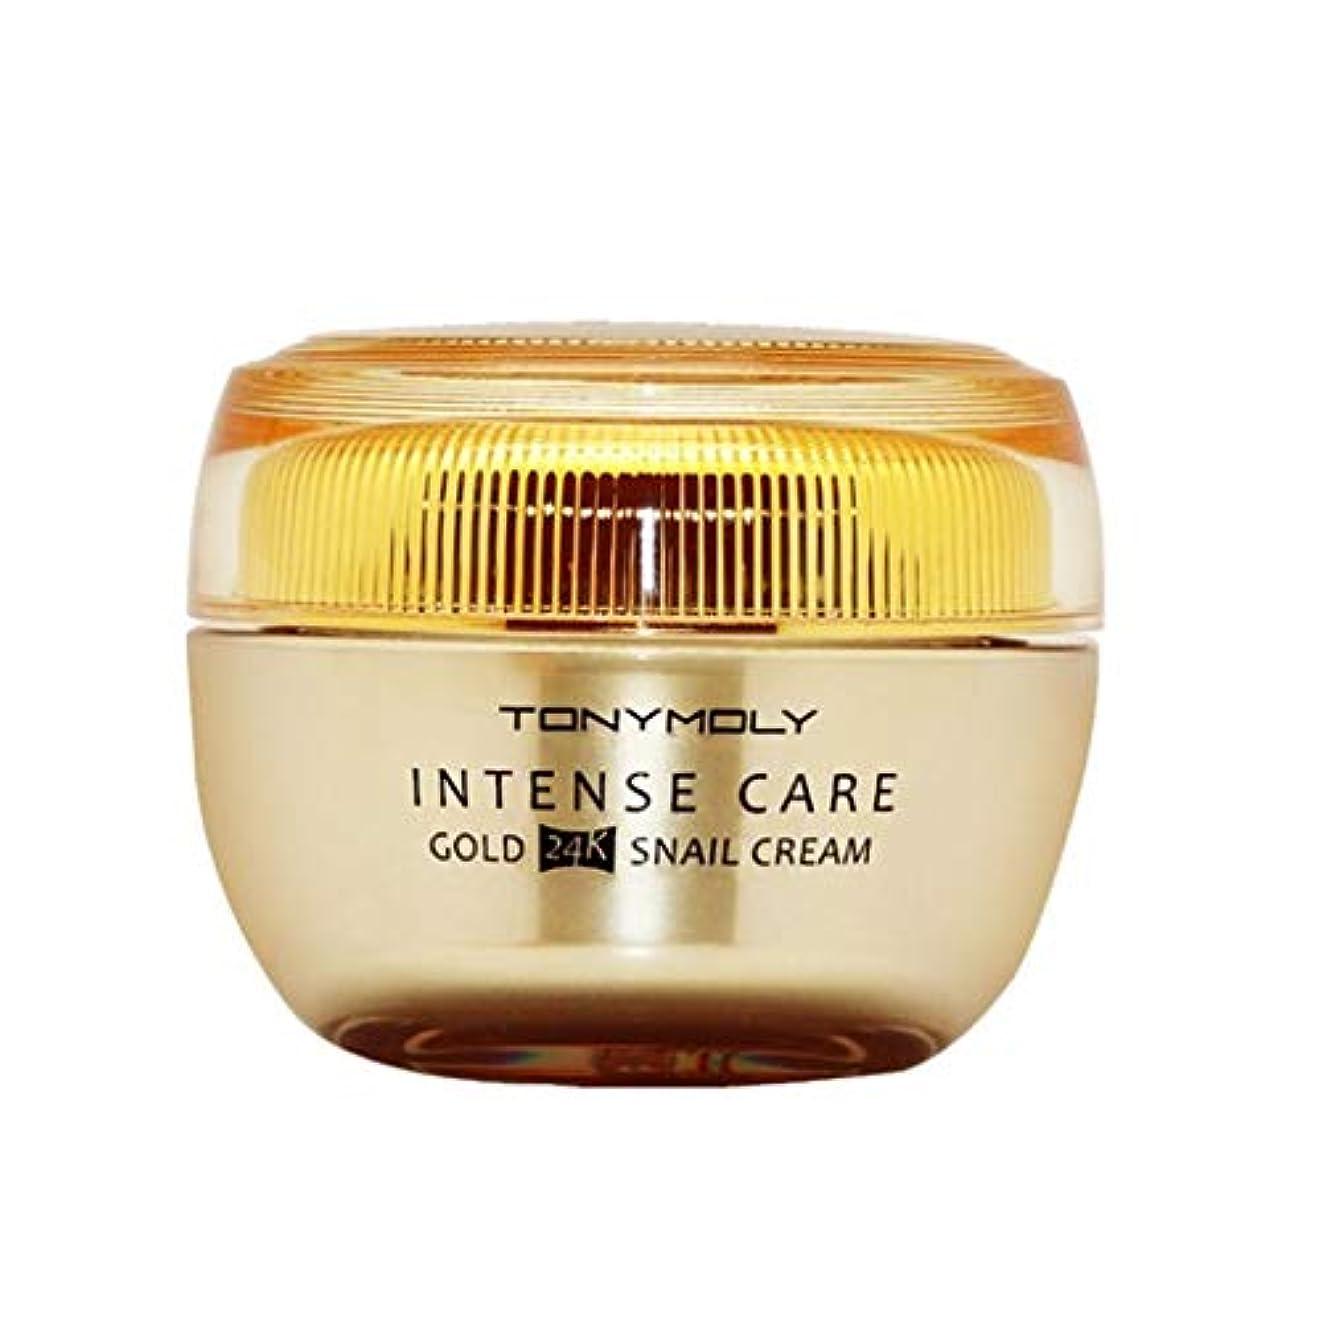 残り民主主義グリーンランドトニーモリーインテンスケアゴールド24Kスネールクリーム45ml x 2本セット美白、シワ改善クリーム、Tonymoly Intense Care Gold 24K Snail Cream 45ml x 2ea Set...